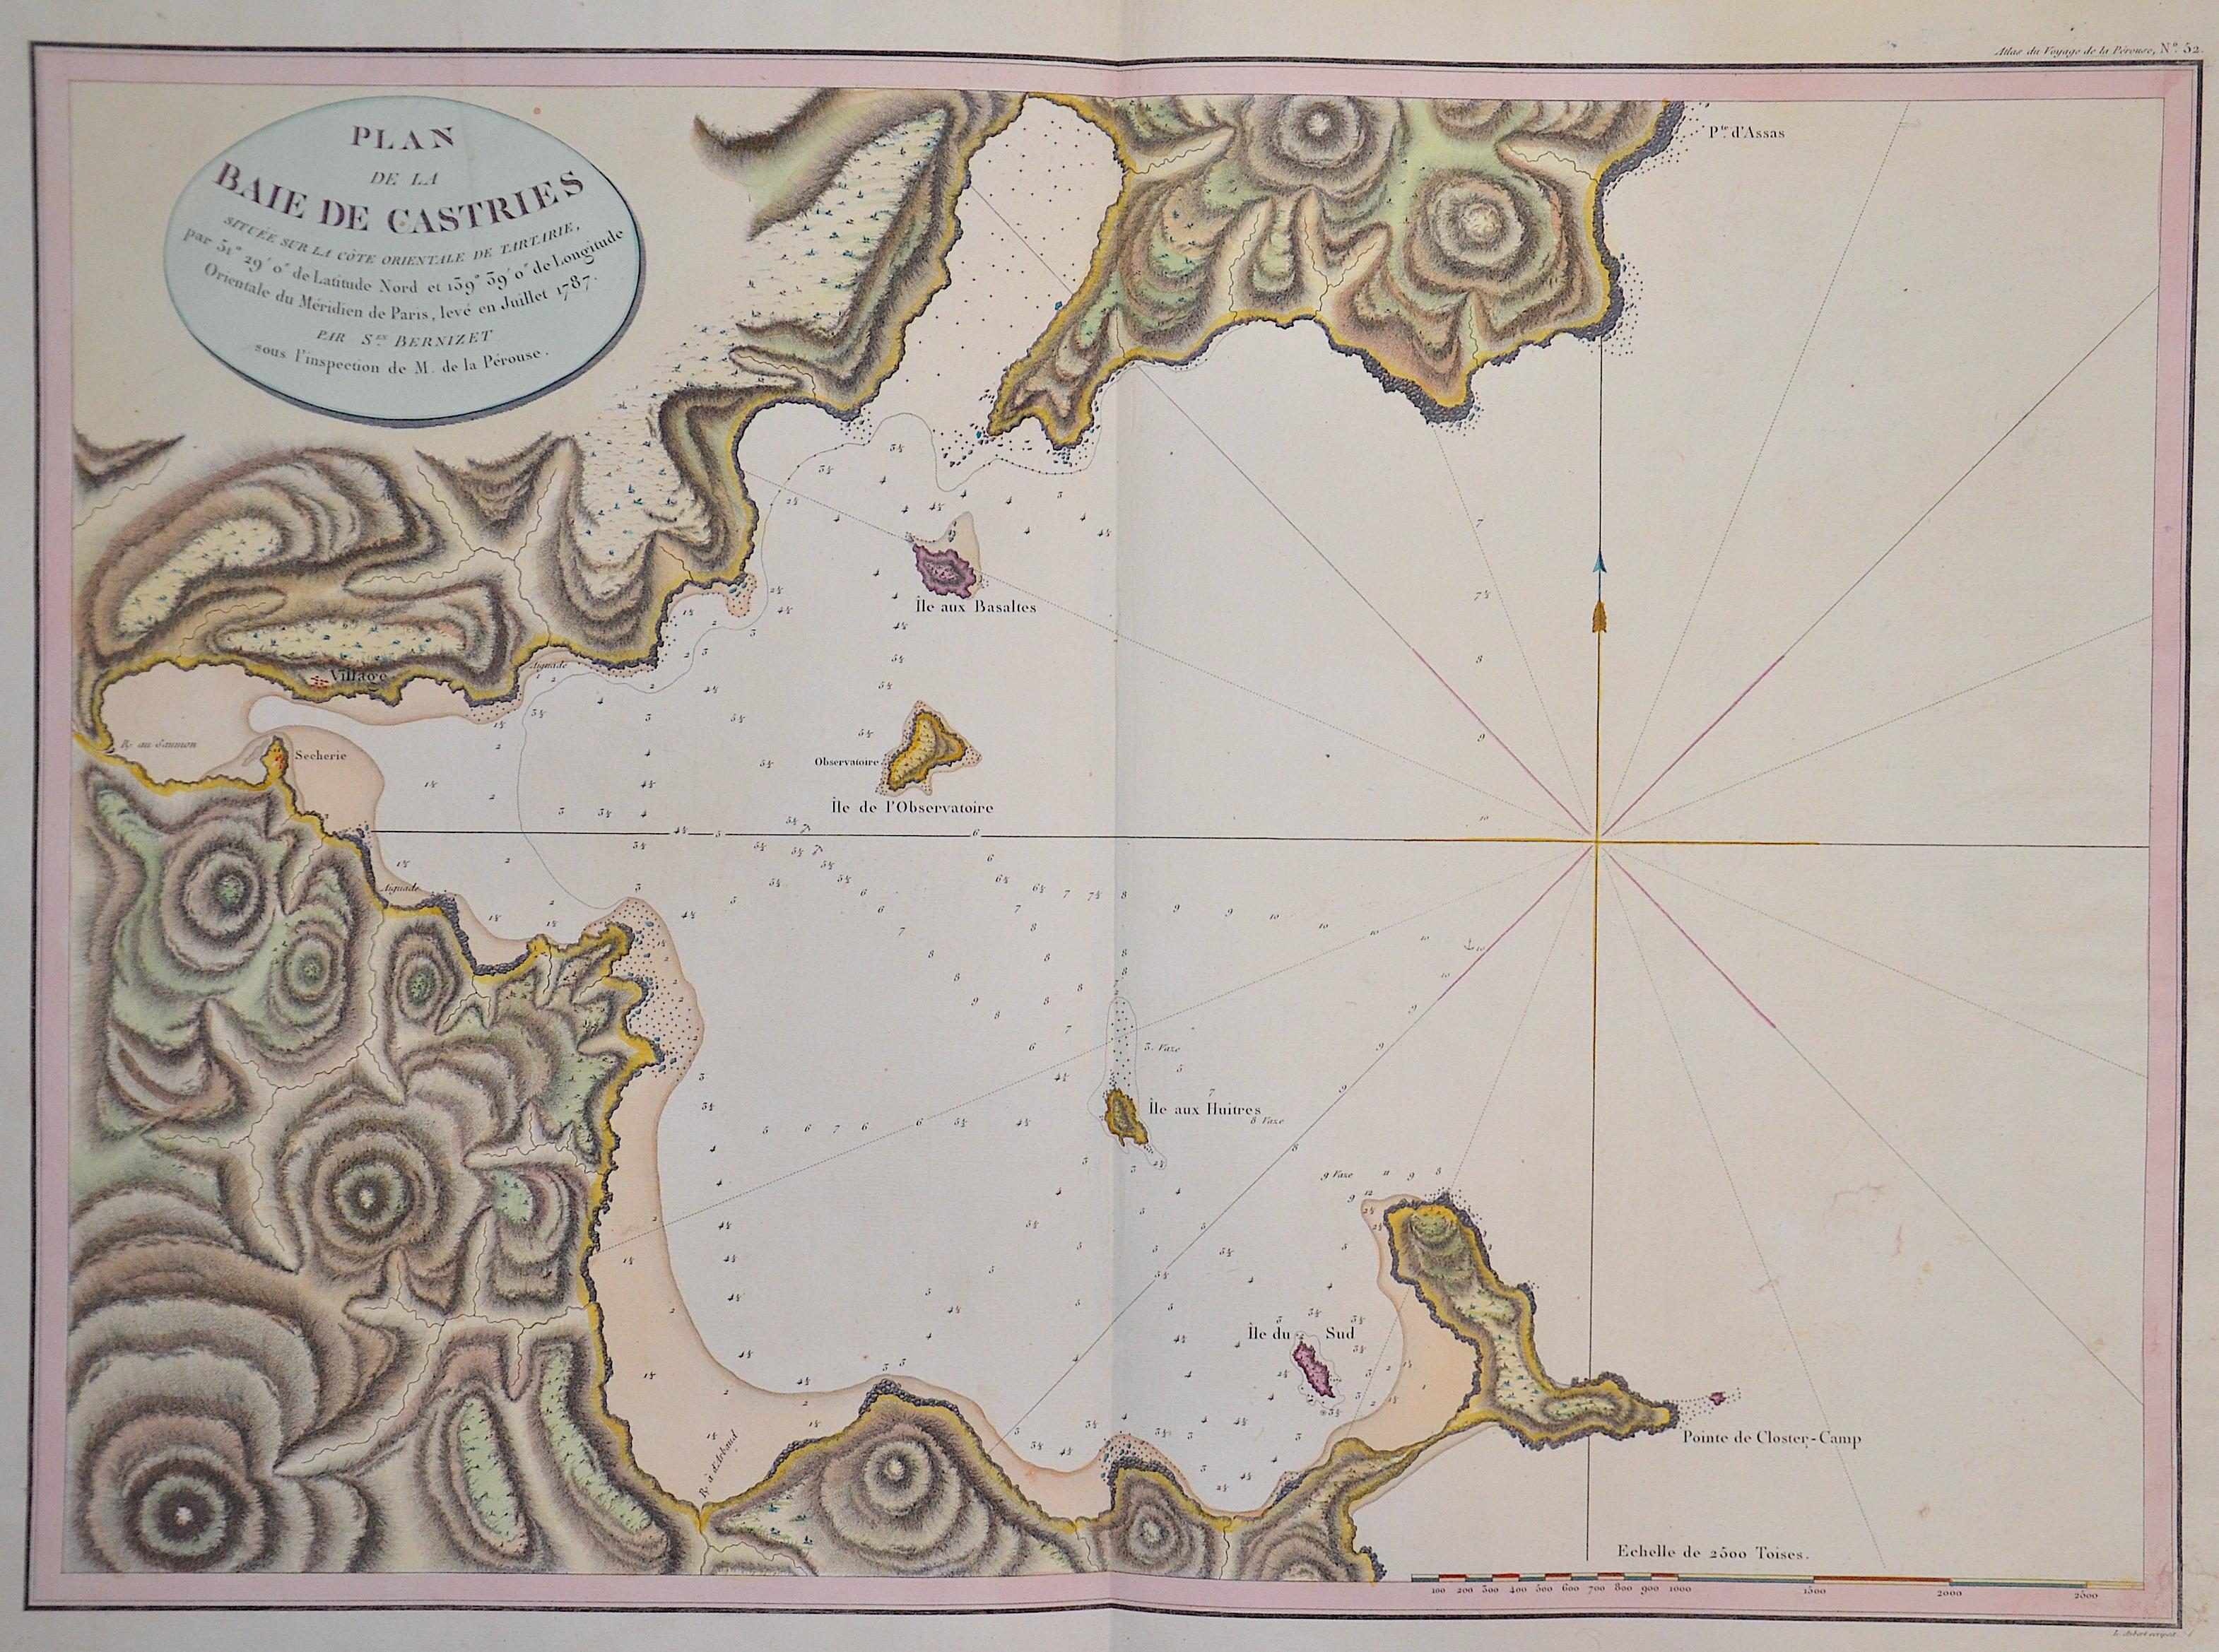 Pérouse, la  Plans de la baie de Castries située sur la côte orientale de Tartarie